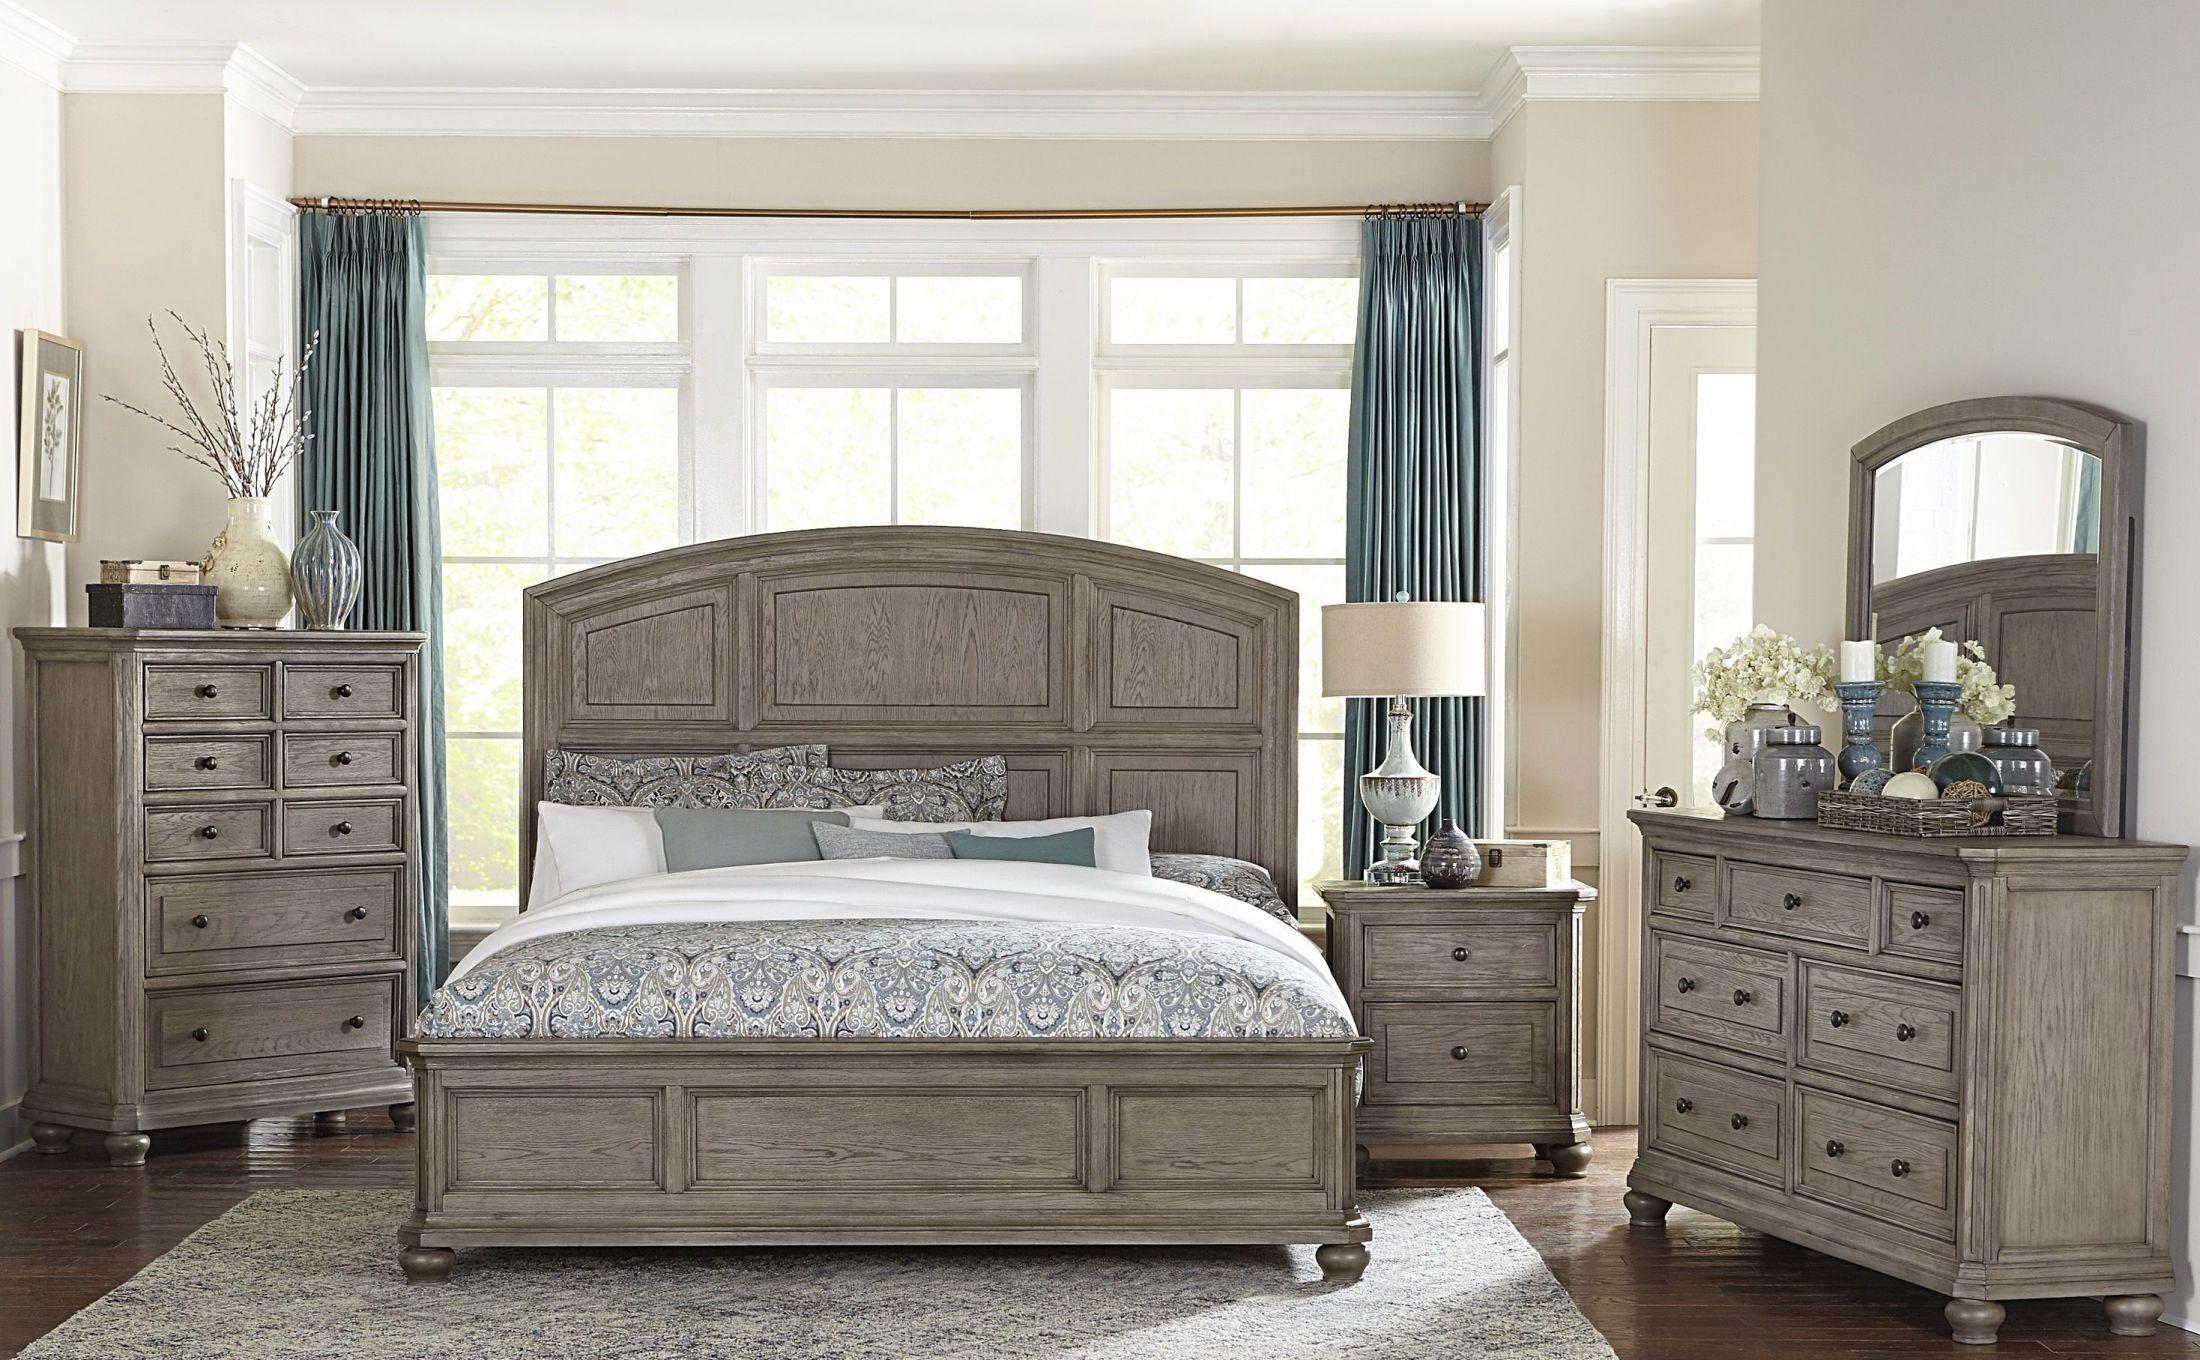 Lavonia Wire Brushed Gray Platform Bedroom Set  King bedroom sets